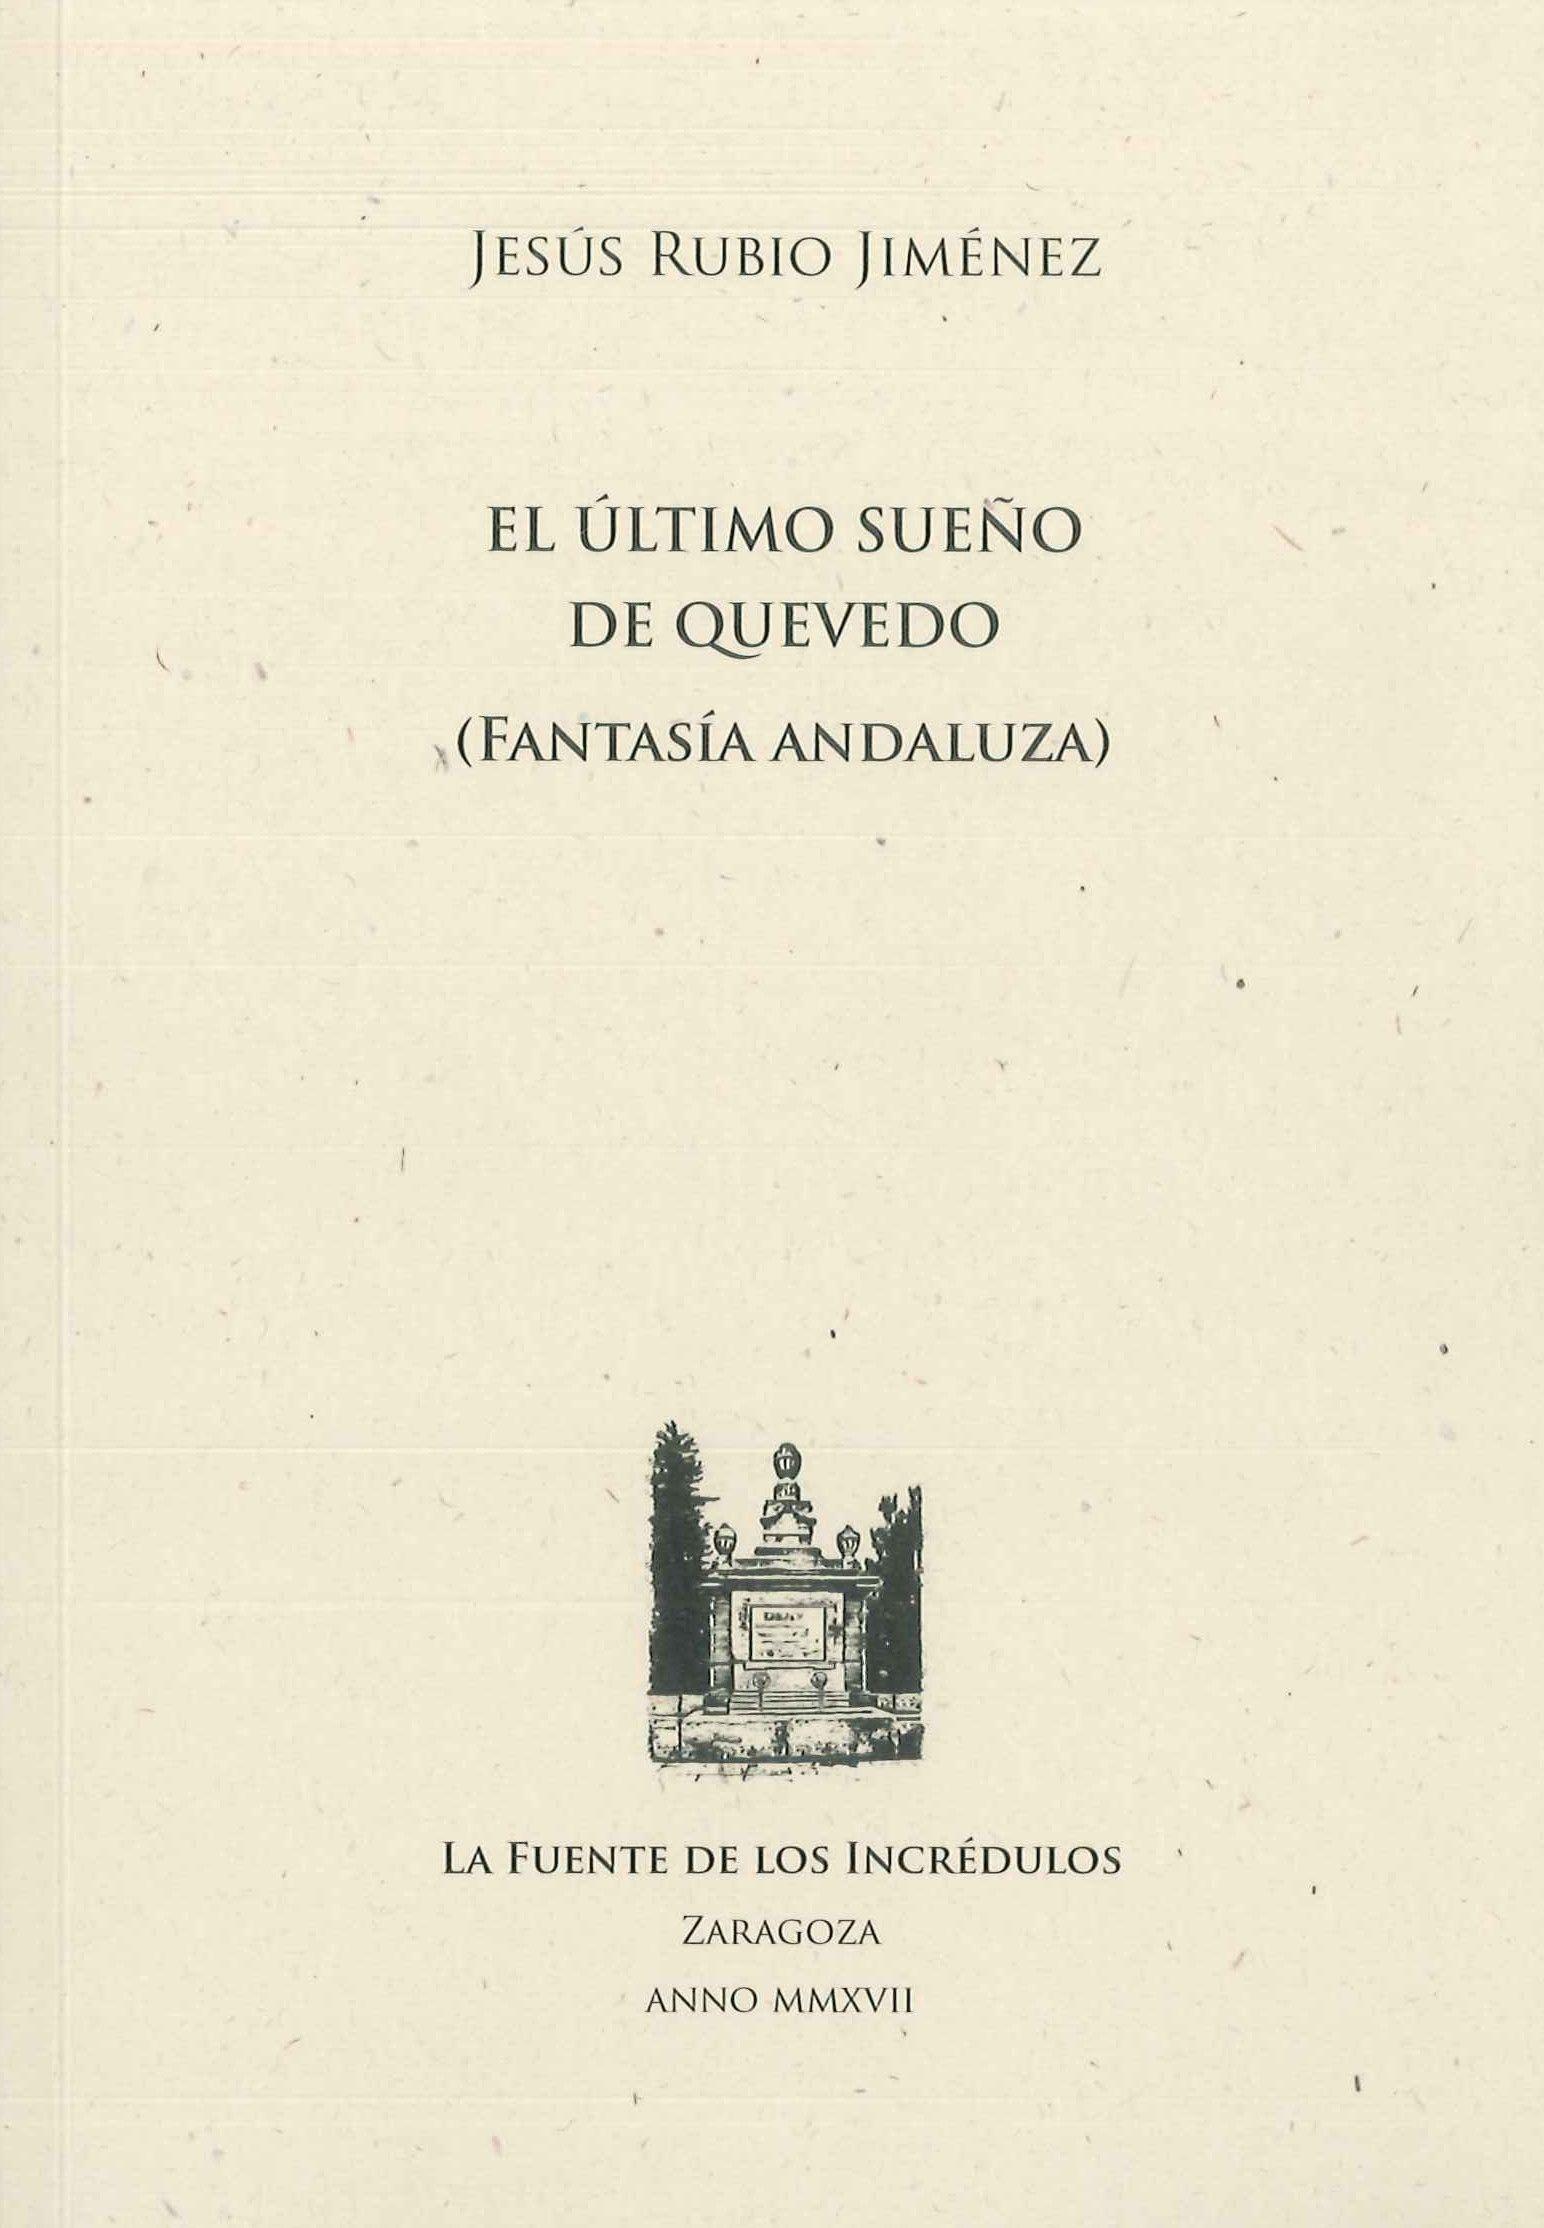 El último sueño de Quevedo (Fantasía andaluza) / Jesús Rubio Jiménez ...